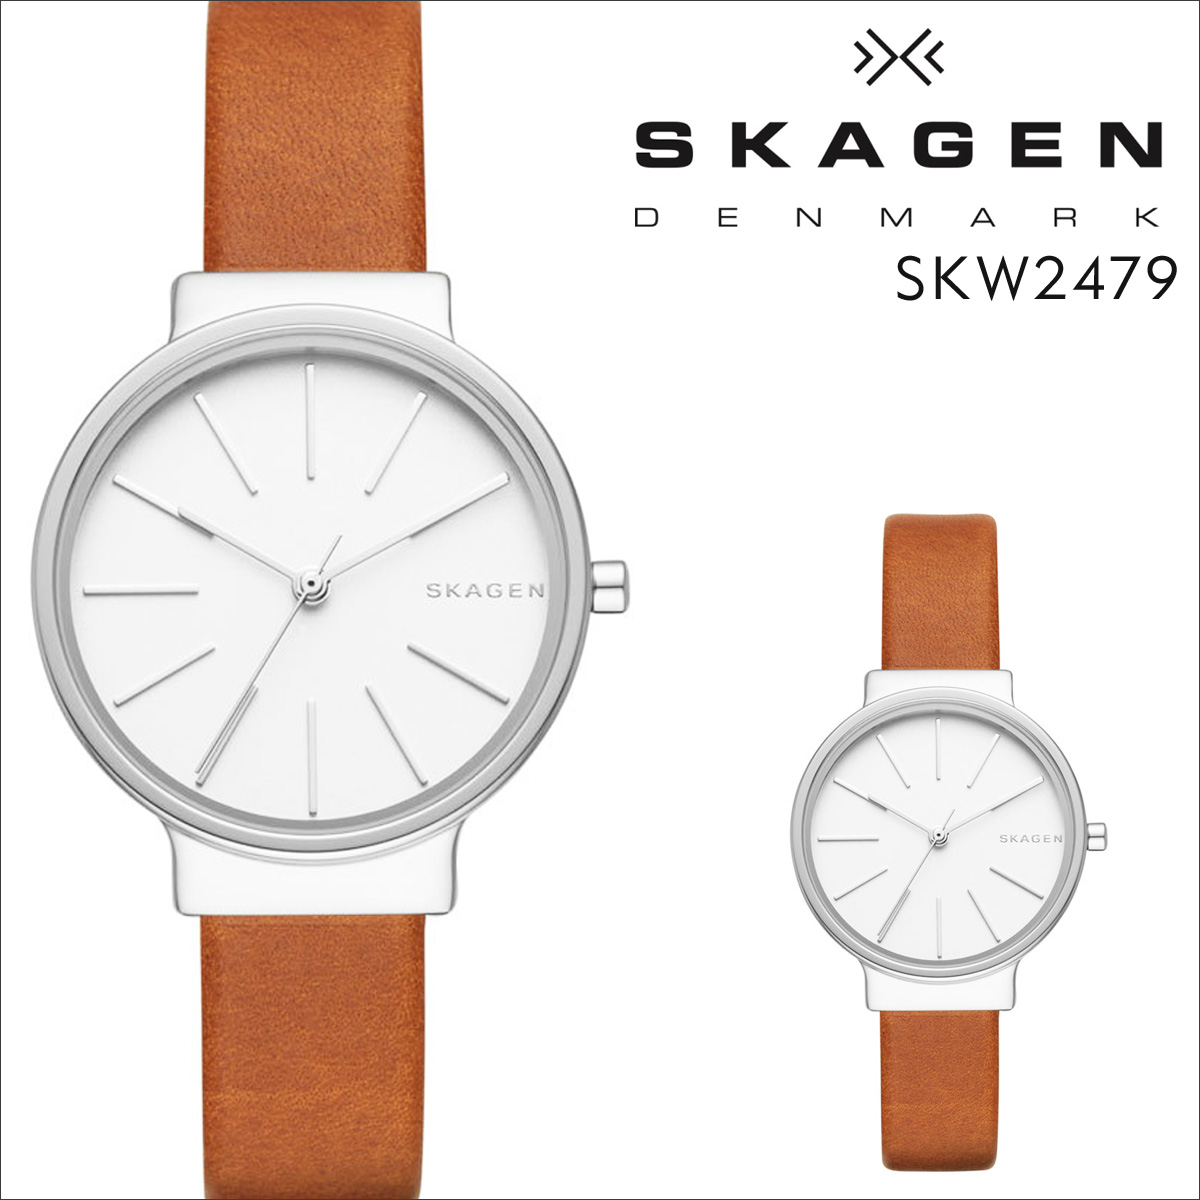 スカーゲン SKAGEN 腕時計 レディース 時計 レザー ANCHER アンカー SKW2479 ブラウン 防水 [ あす楽対象外 ]